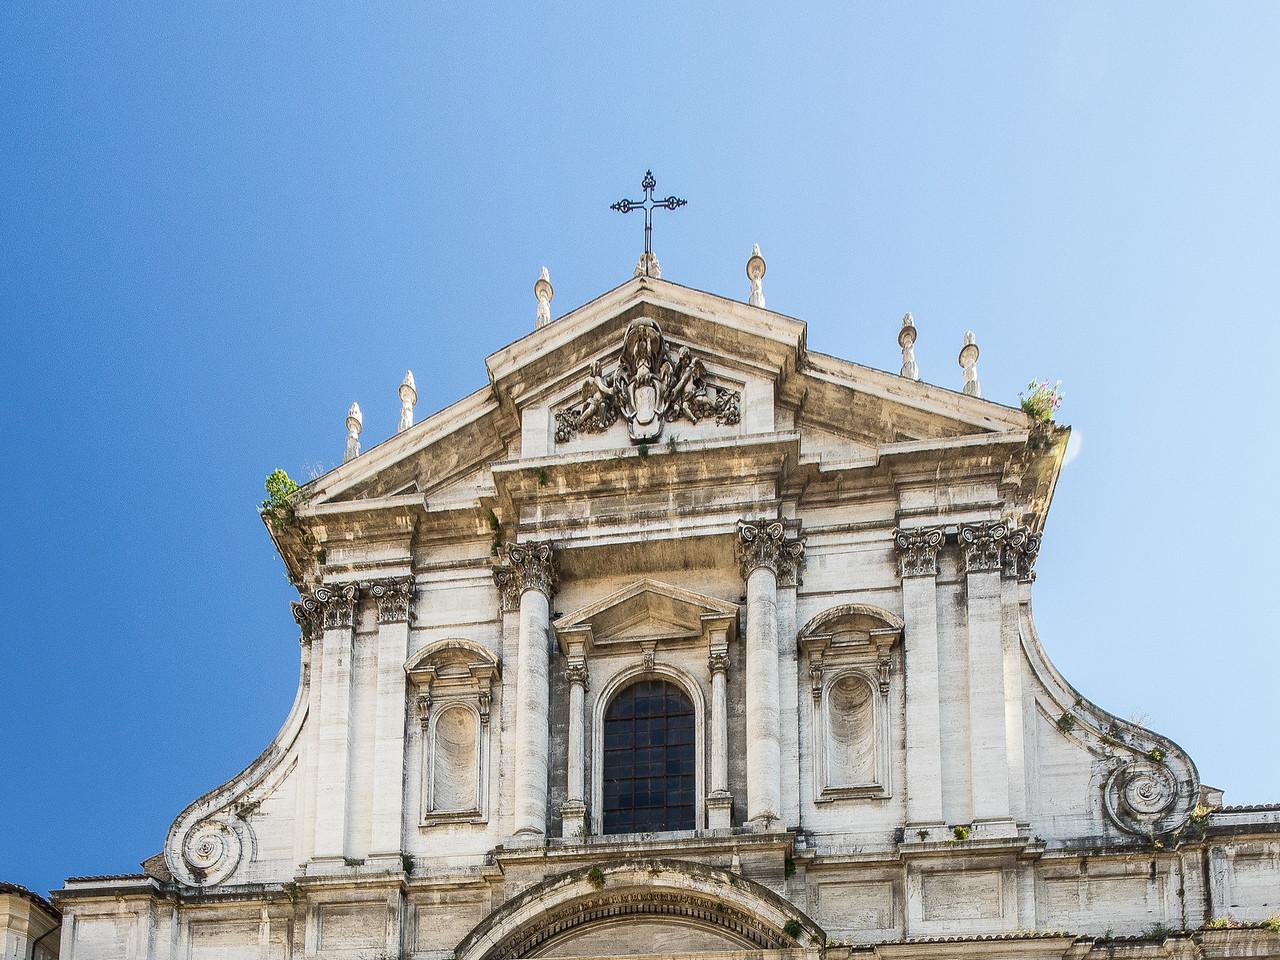 Church of Sant' Ignazio built 1626 -1685 Dedicated to St. Ignasius Loyola